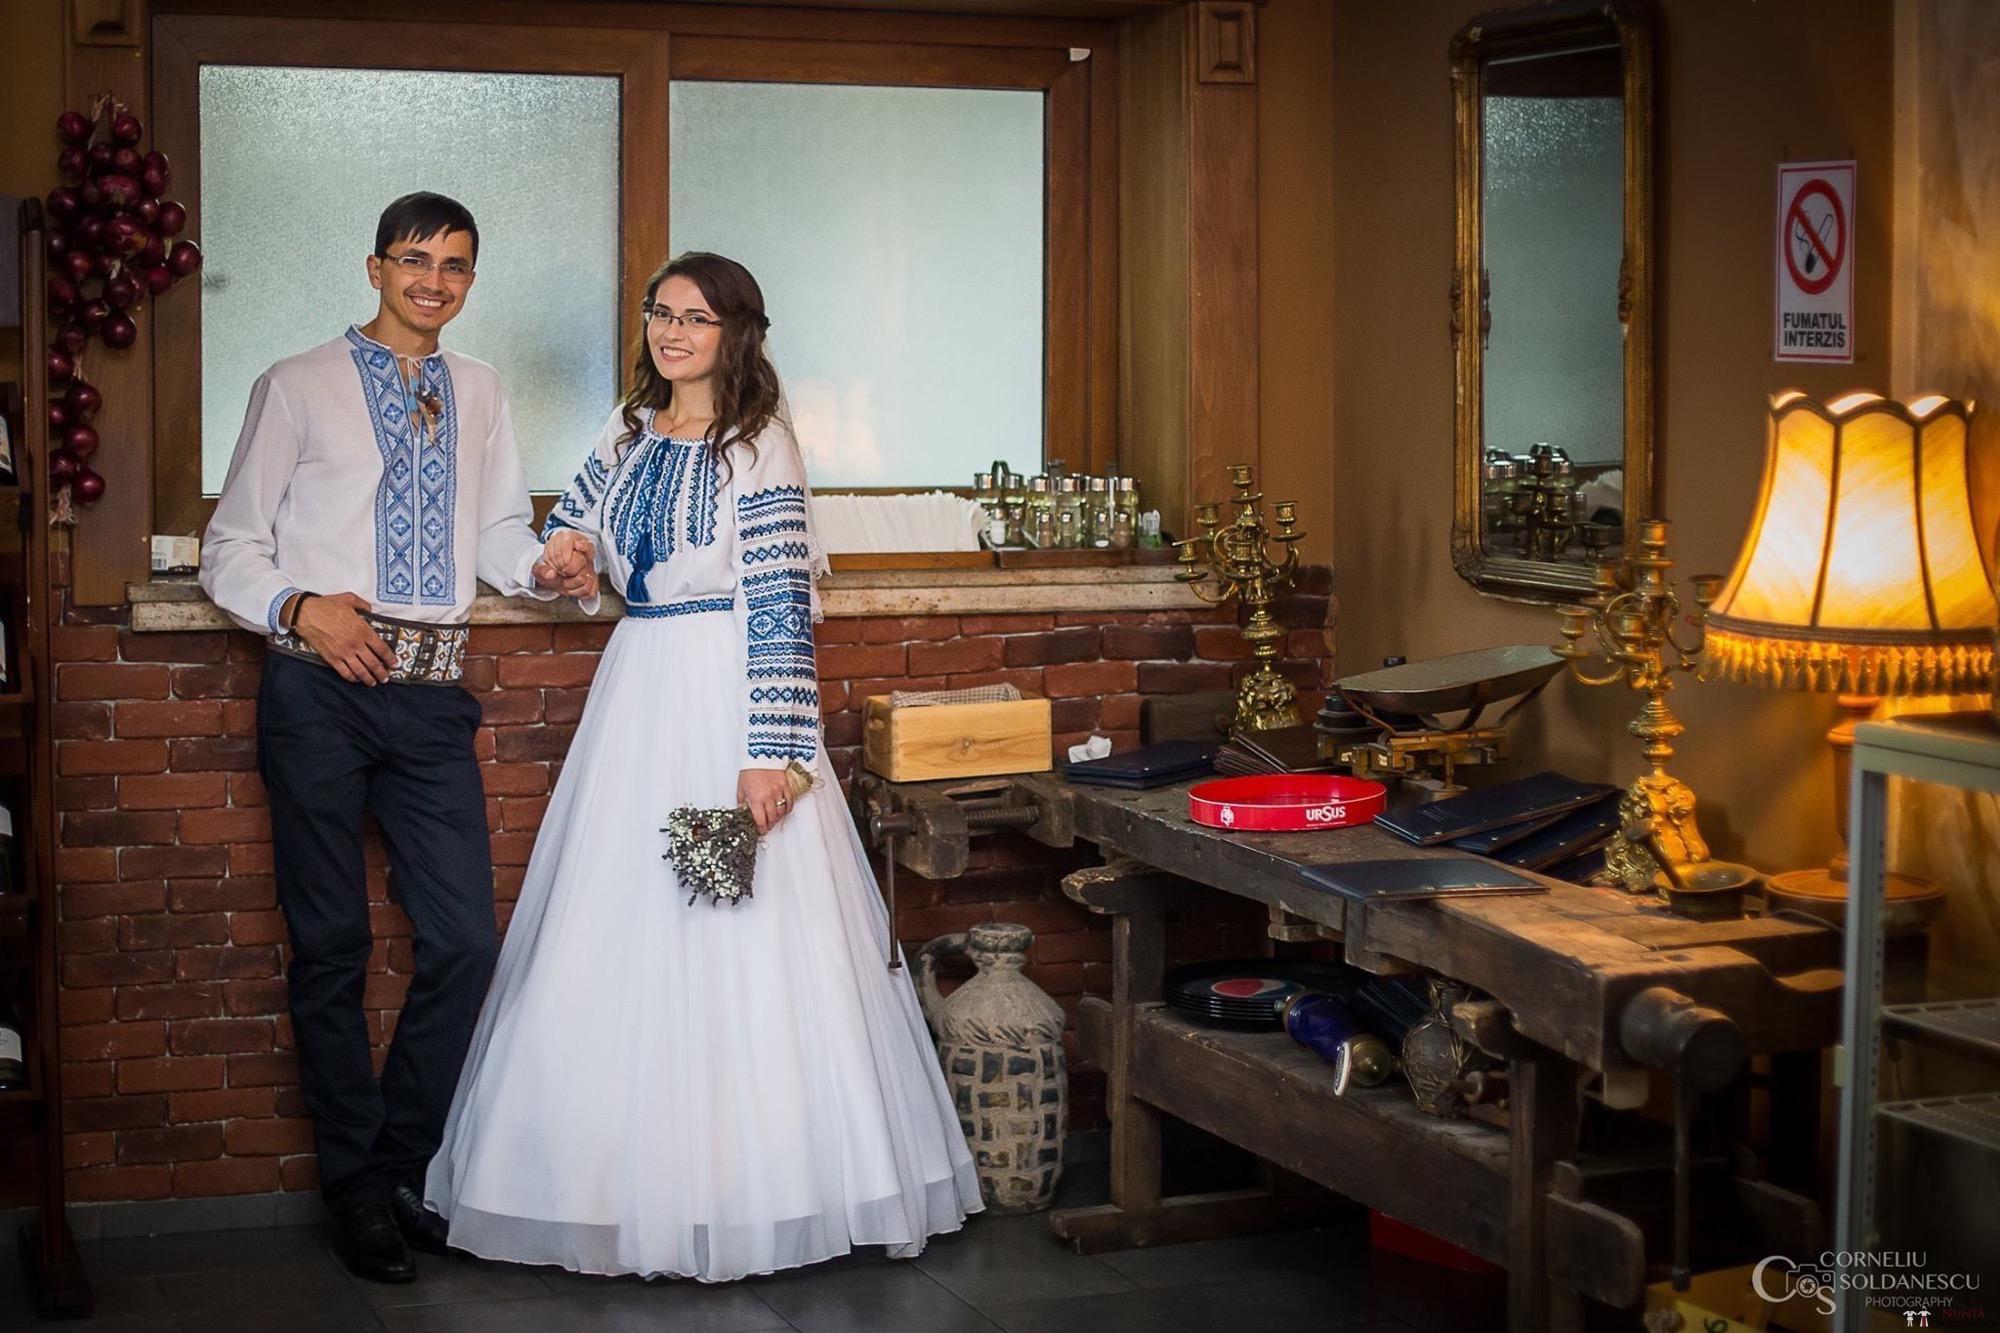 Povești Nunți Tradiționale - Ioana-Alexandra și Bogdan-Vasile. Nuntă tradițională în Fălticeni 40